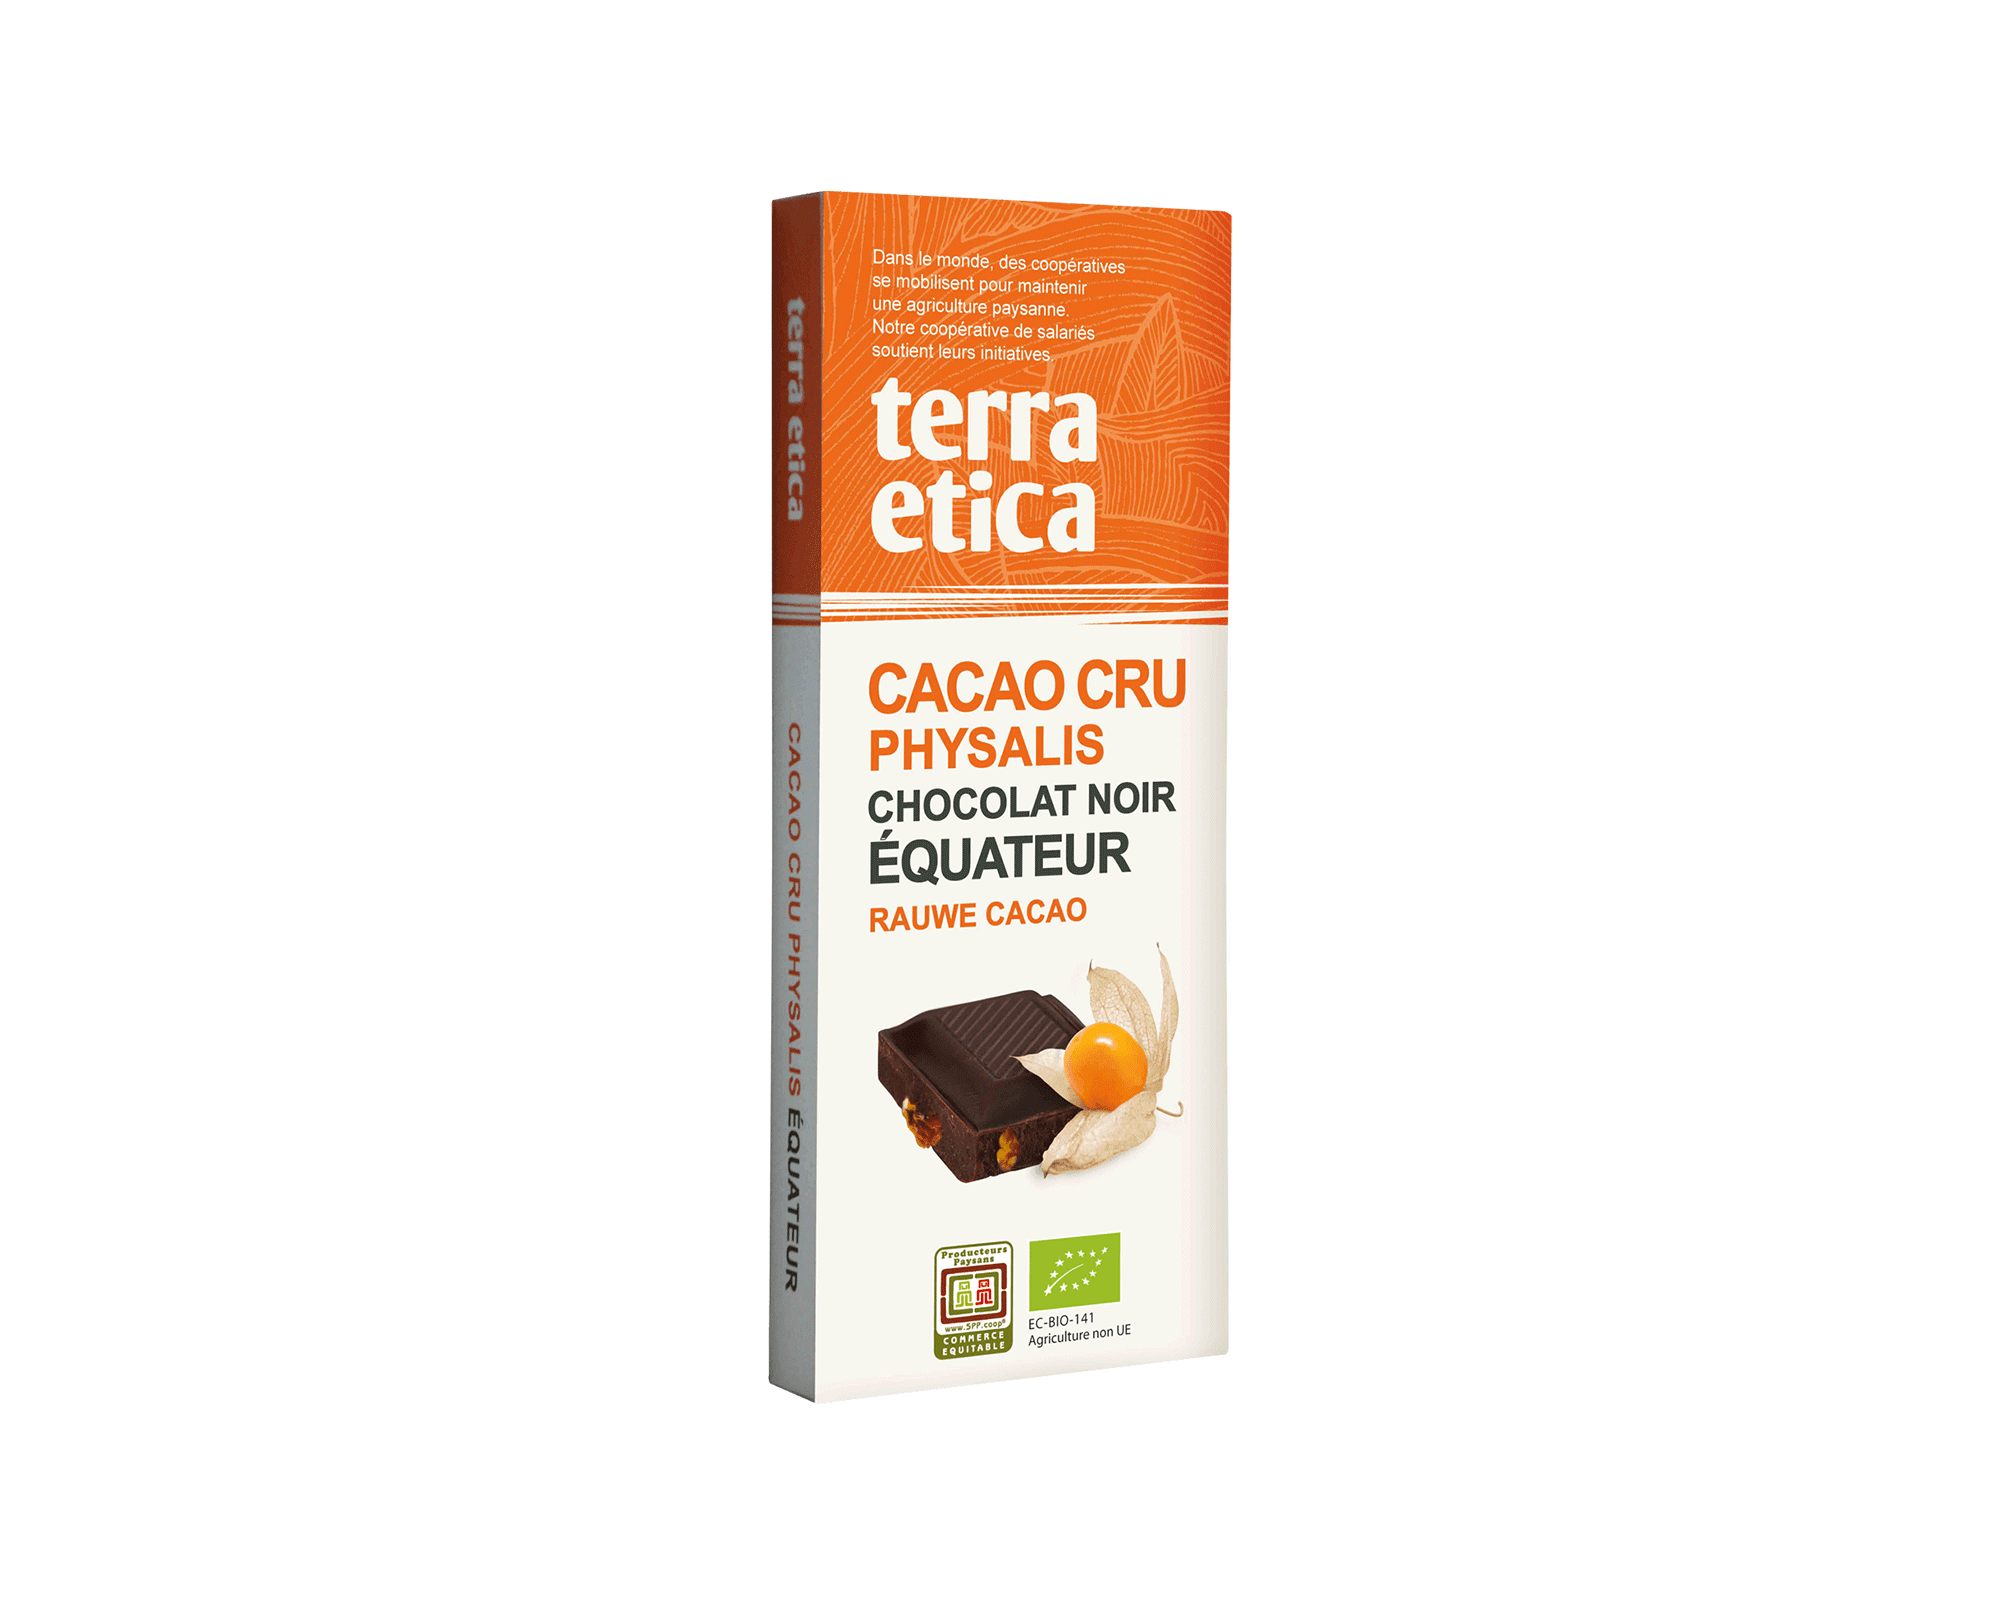 Cacao Cru 70% cacao non torréfié et Physalis bio et équitable I Terra Etica